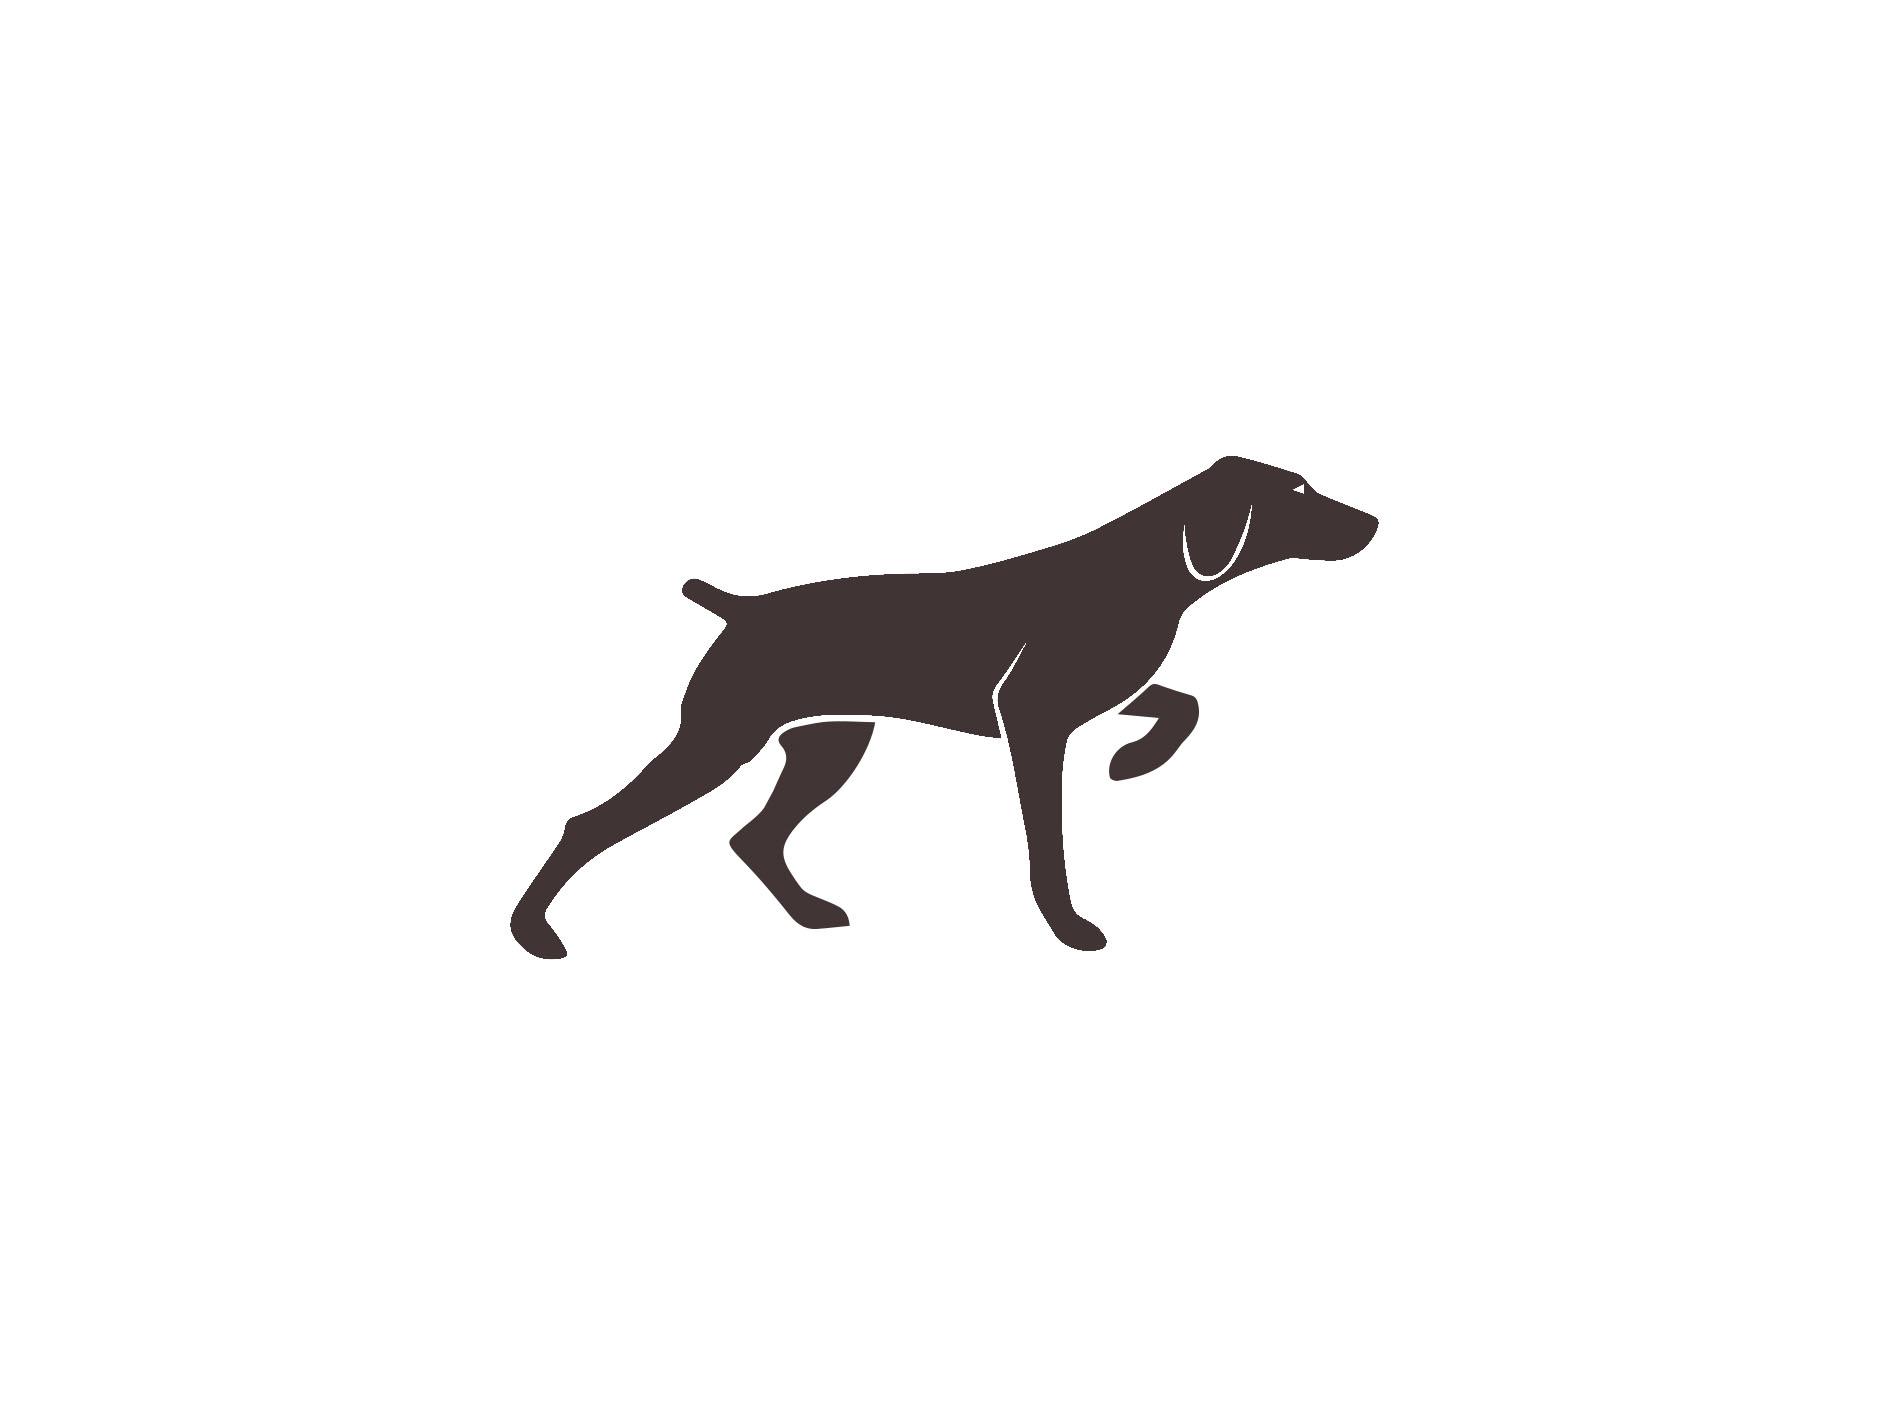 pointer-executive-search-logo.jpg